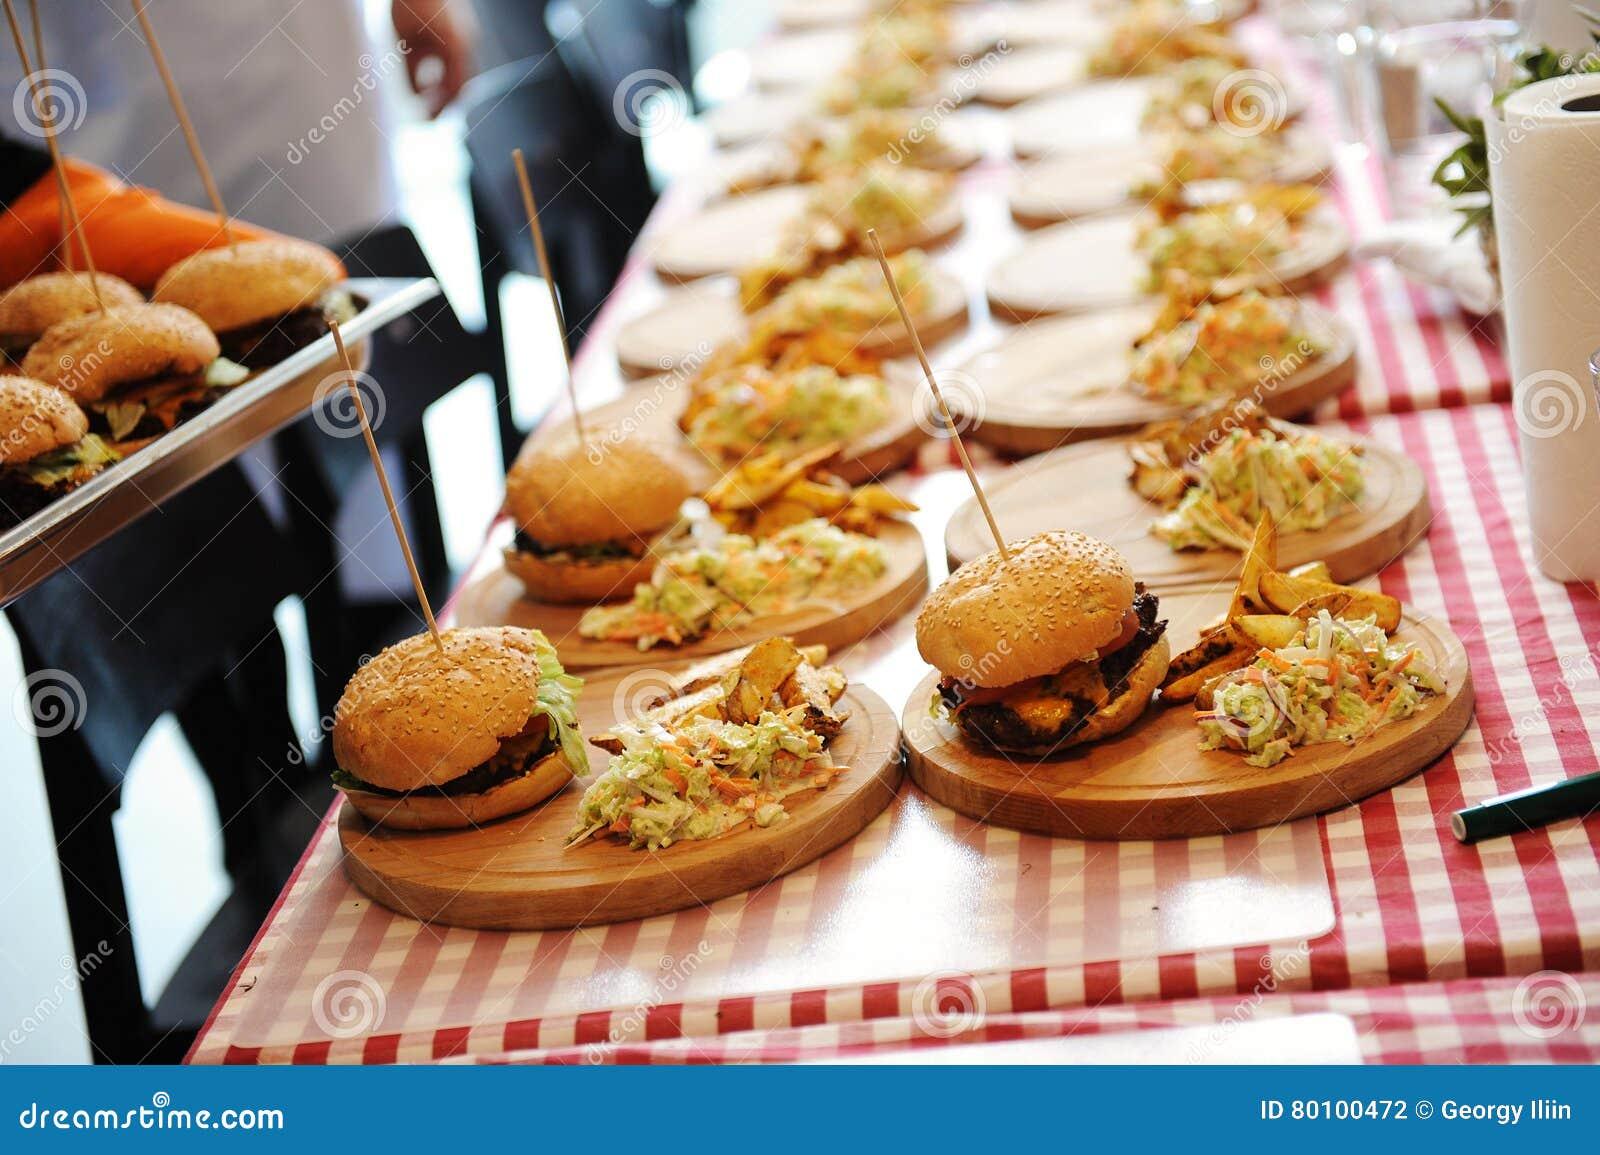 Muitos hamburgueres com potoes livram